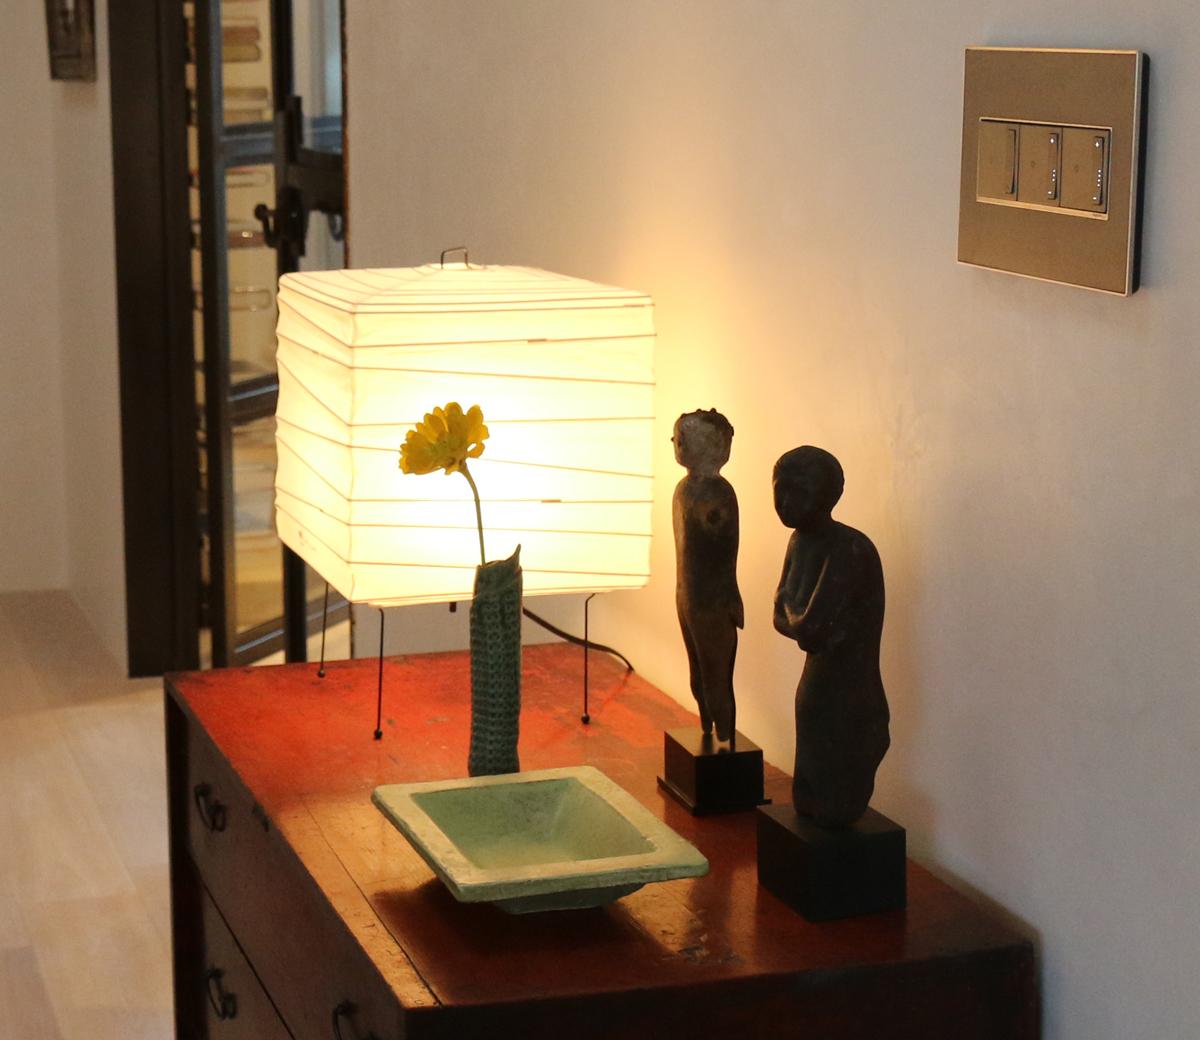 Akari table lamp vignette - Legrand Adorne wall dimmer